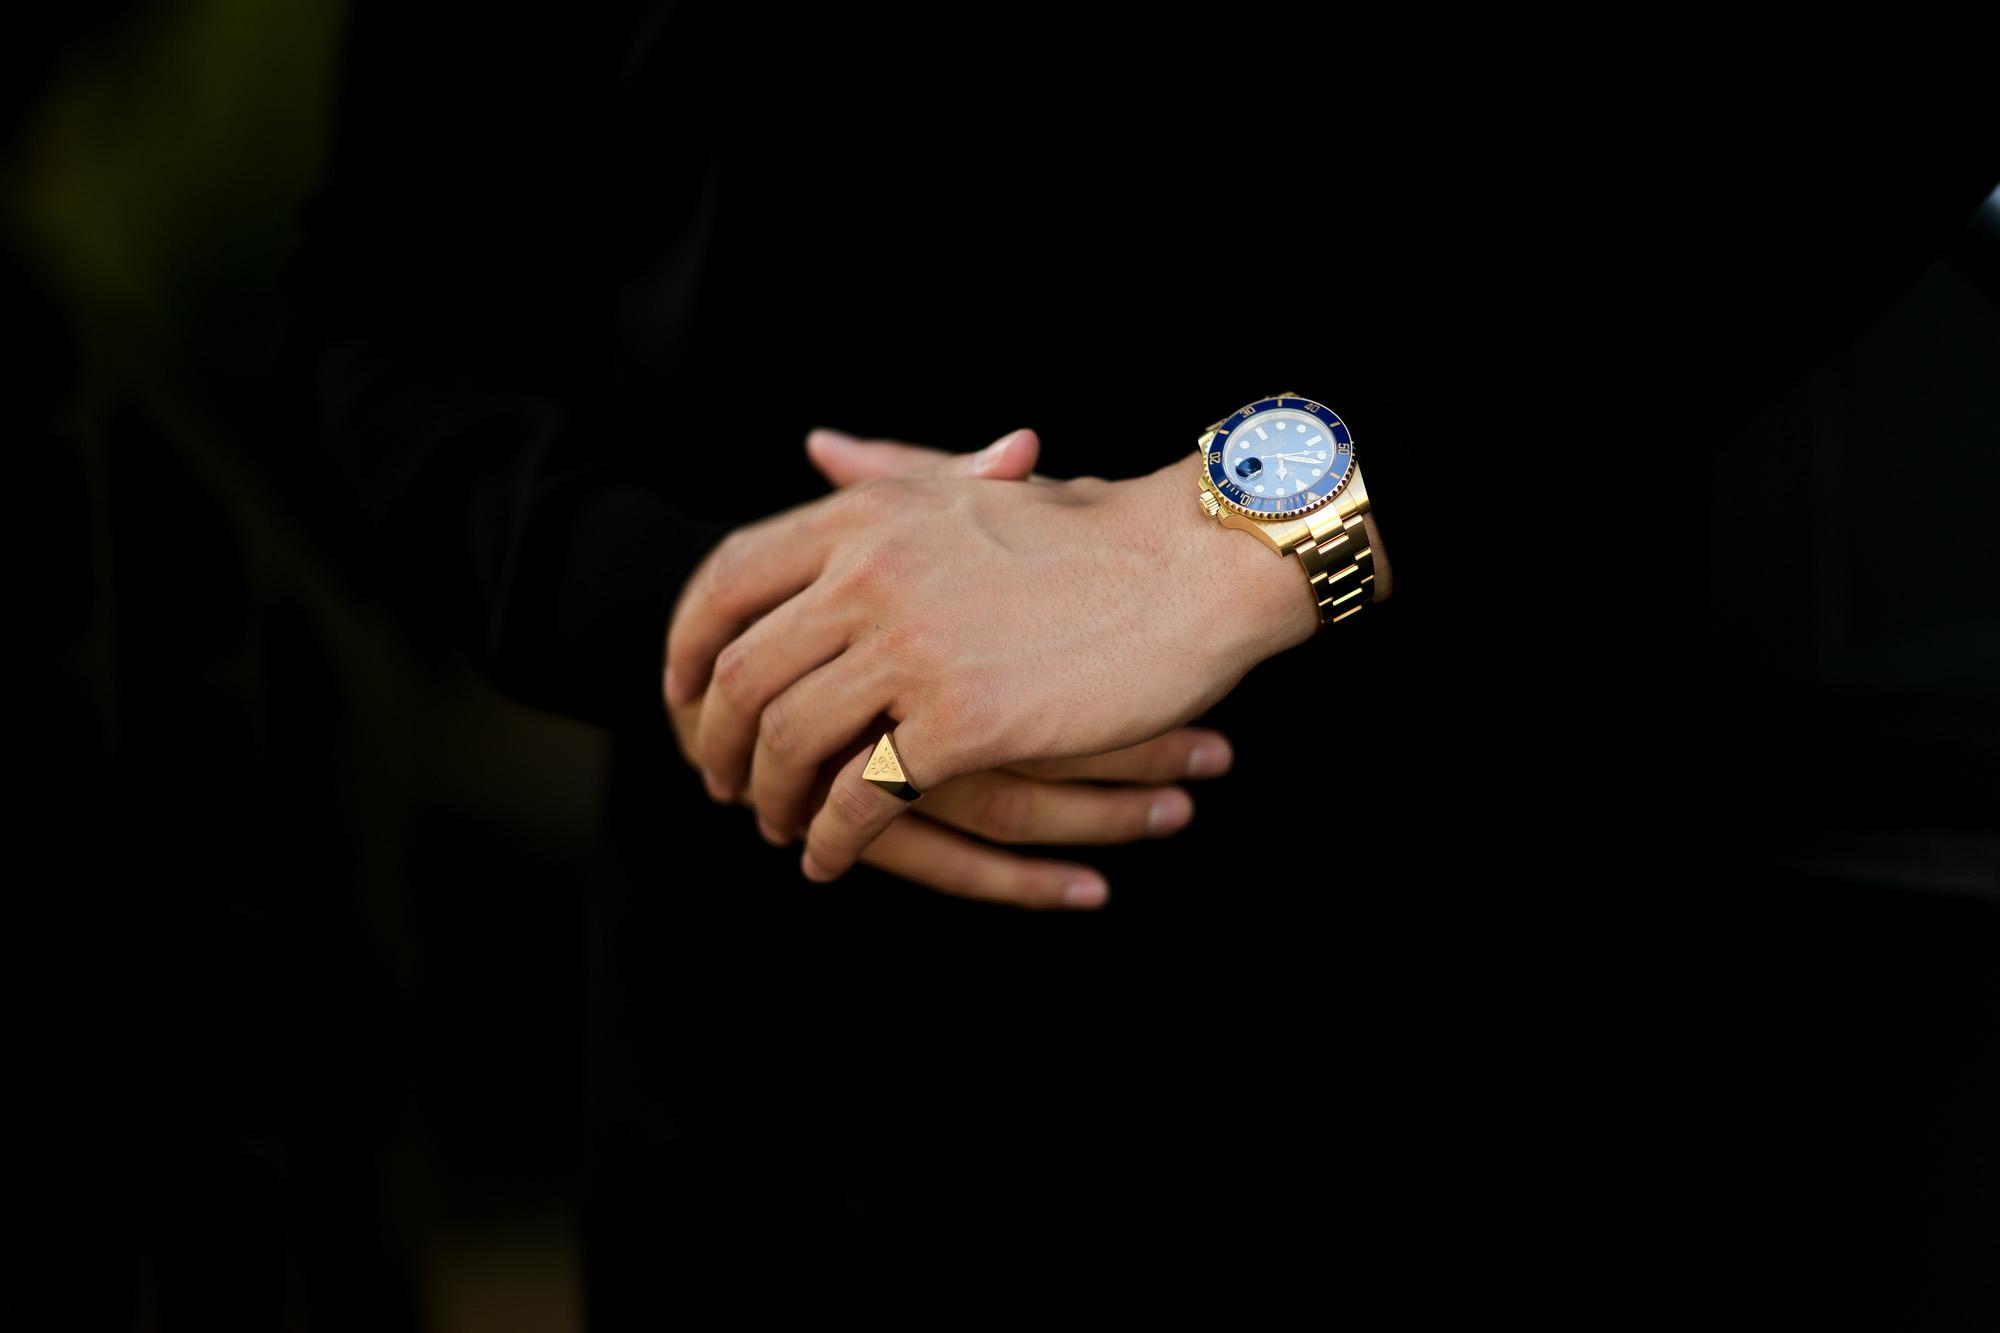 FIXER(フィクサー) ILLUMINATI EYES RING 18K GOLD イルミナティ アイズリング GOLD(ゴールド) 【ご予約開始】【2020.7.16(Thu)~2020.8.02(Sun)】 愛知 名古屋 Alto e Diritto アルトエデリット 18金 リング